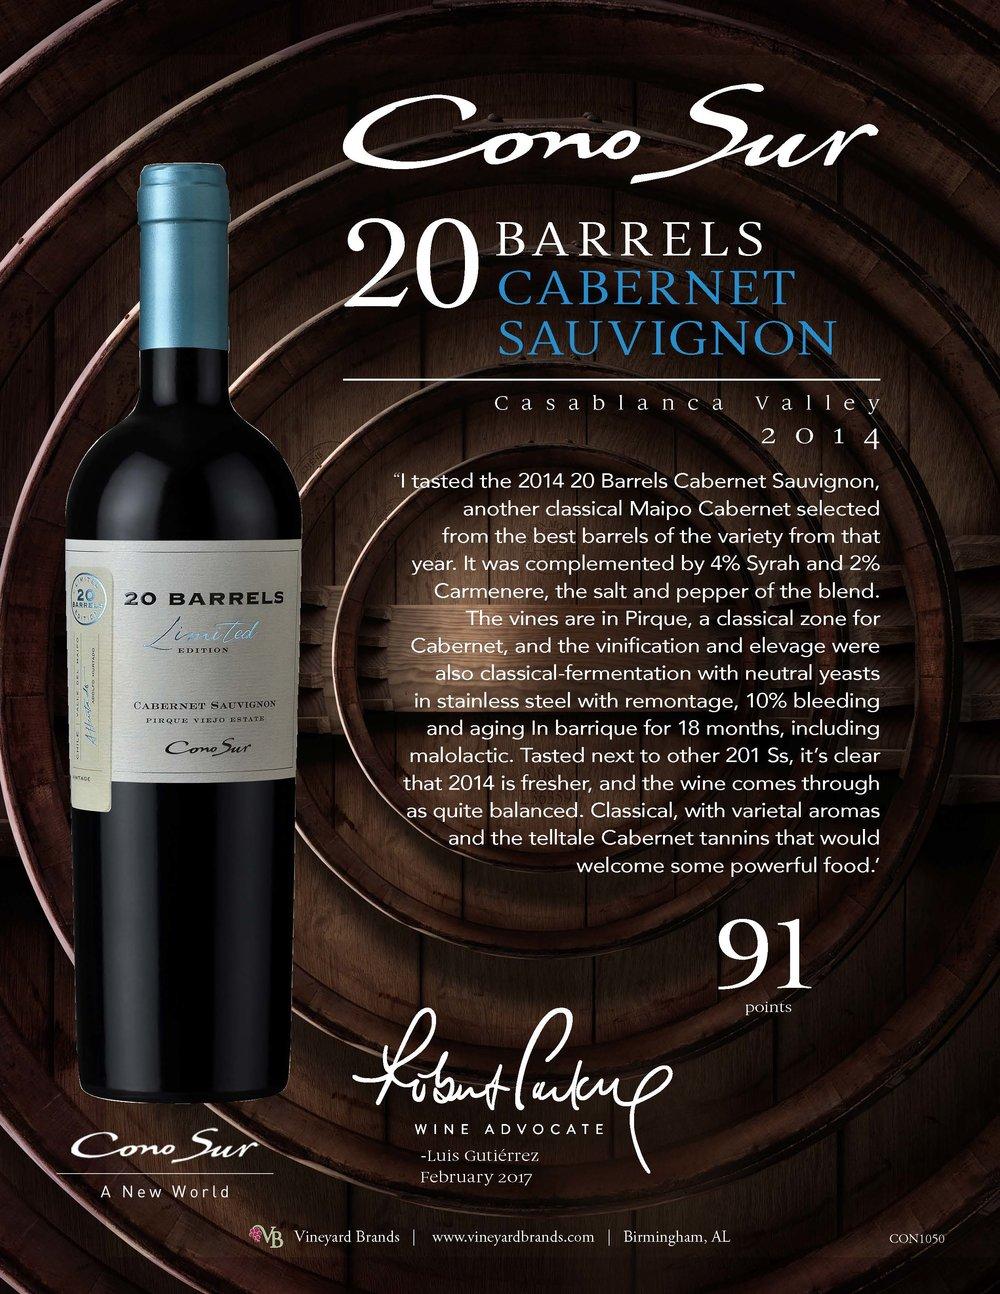 Cono Sur 20 Barrels Cabernet Sauvignon 2014_Wine Advocate.jpg